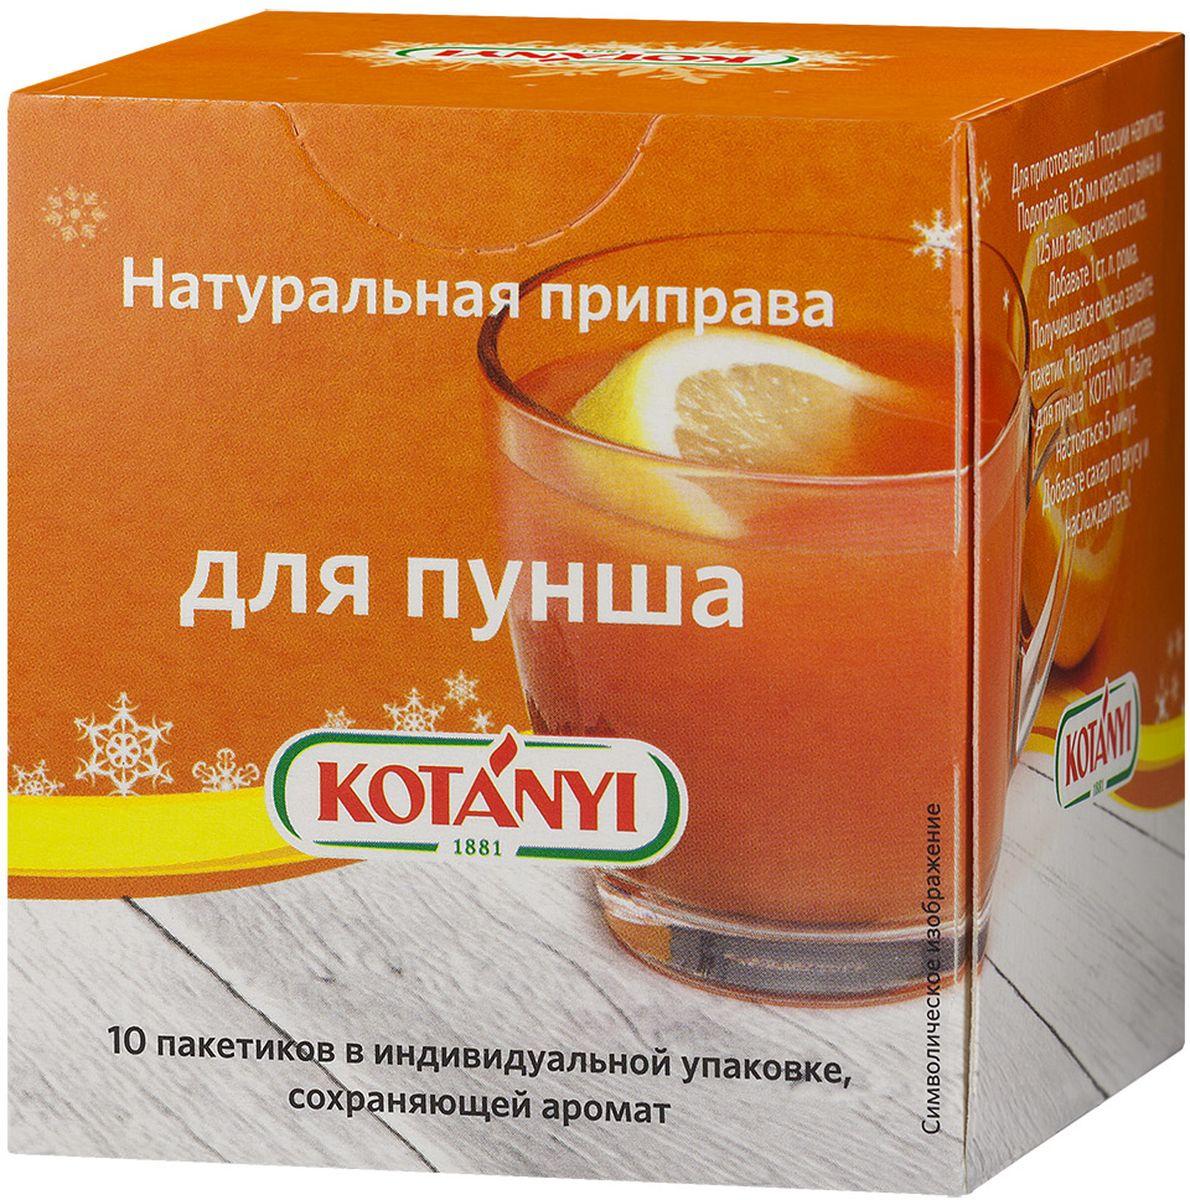 Kotanyi натуральная приправа для пунша, 10 пакетиков по 1,5 г #1